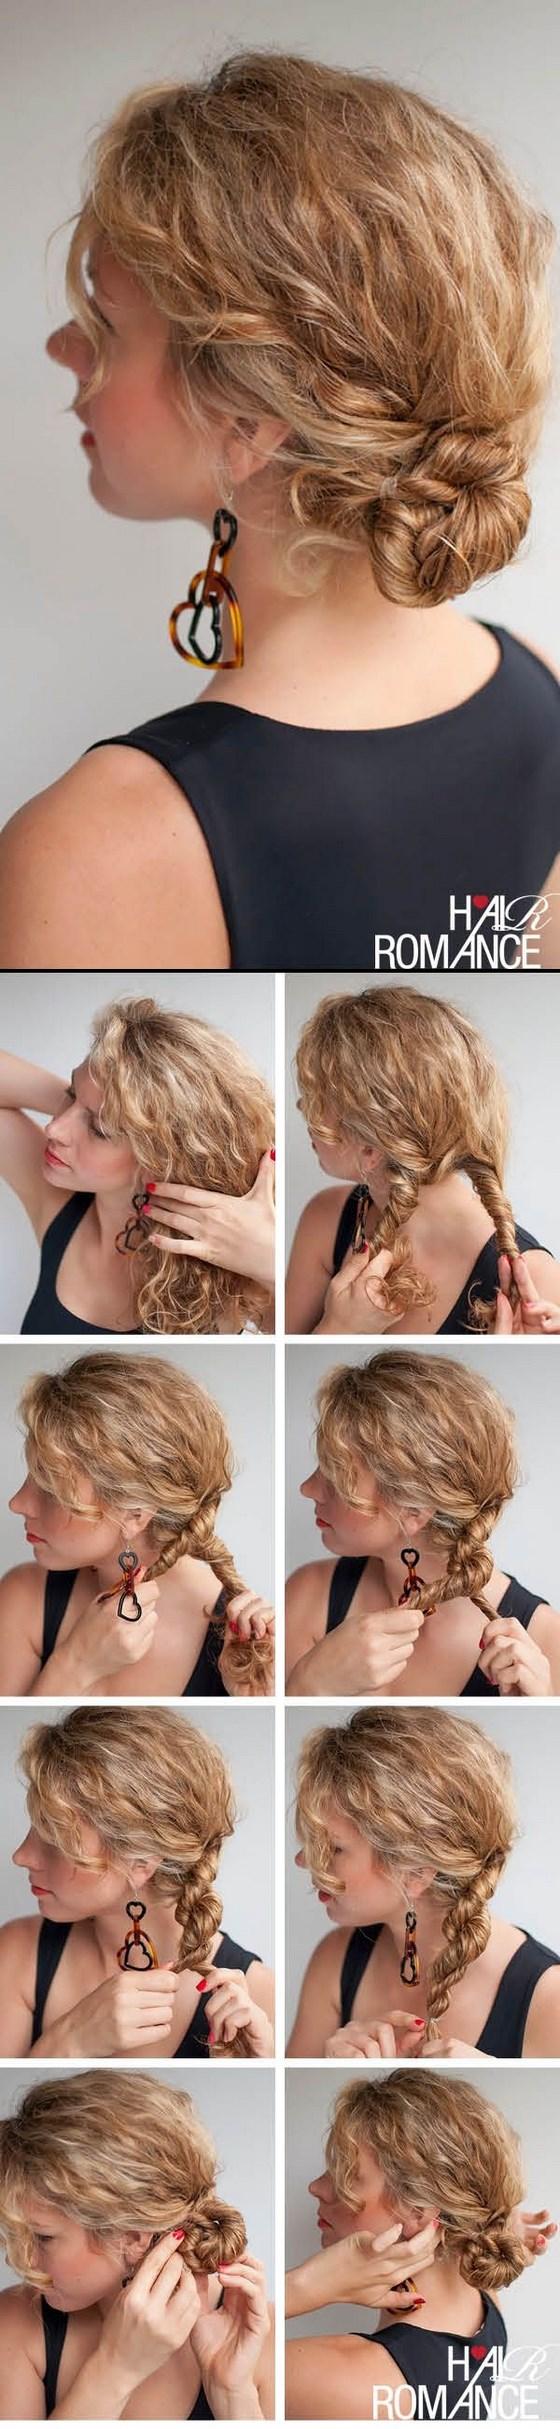 paso a paso recogido con cabello crespo